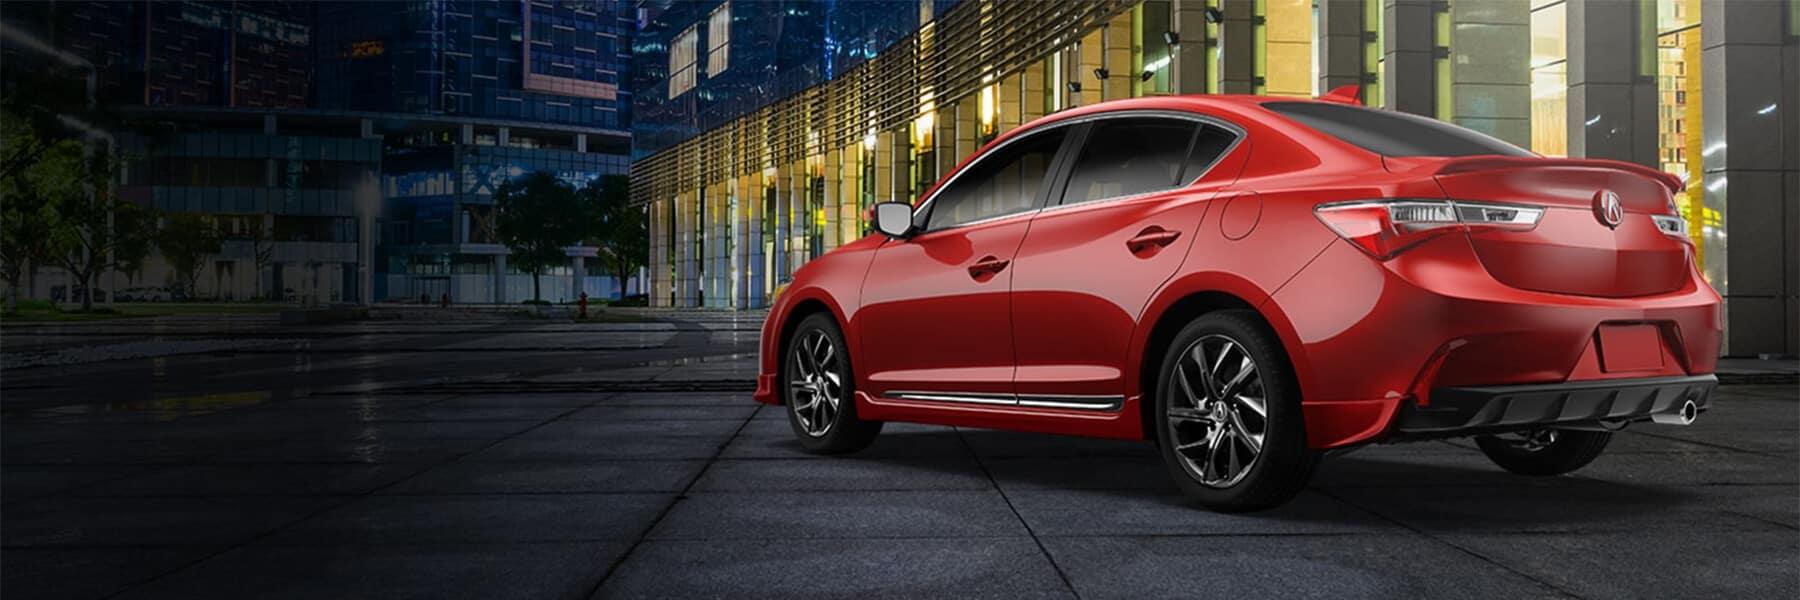 Acura Models List 2021 ILX Slider